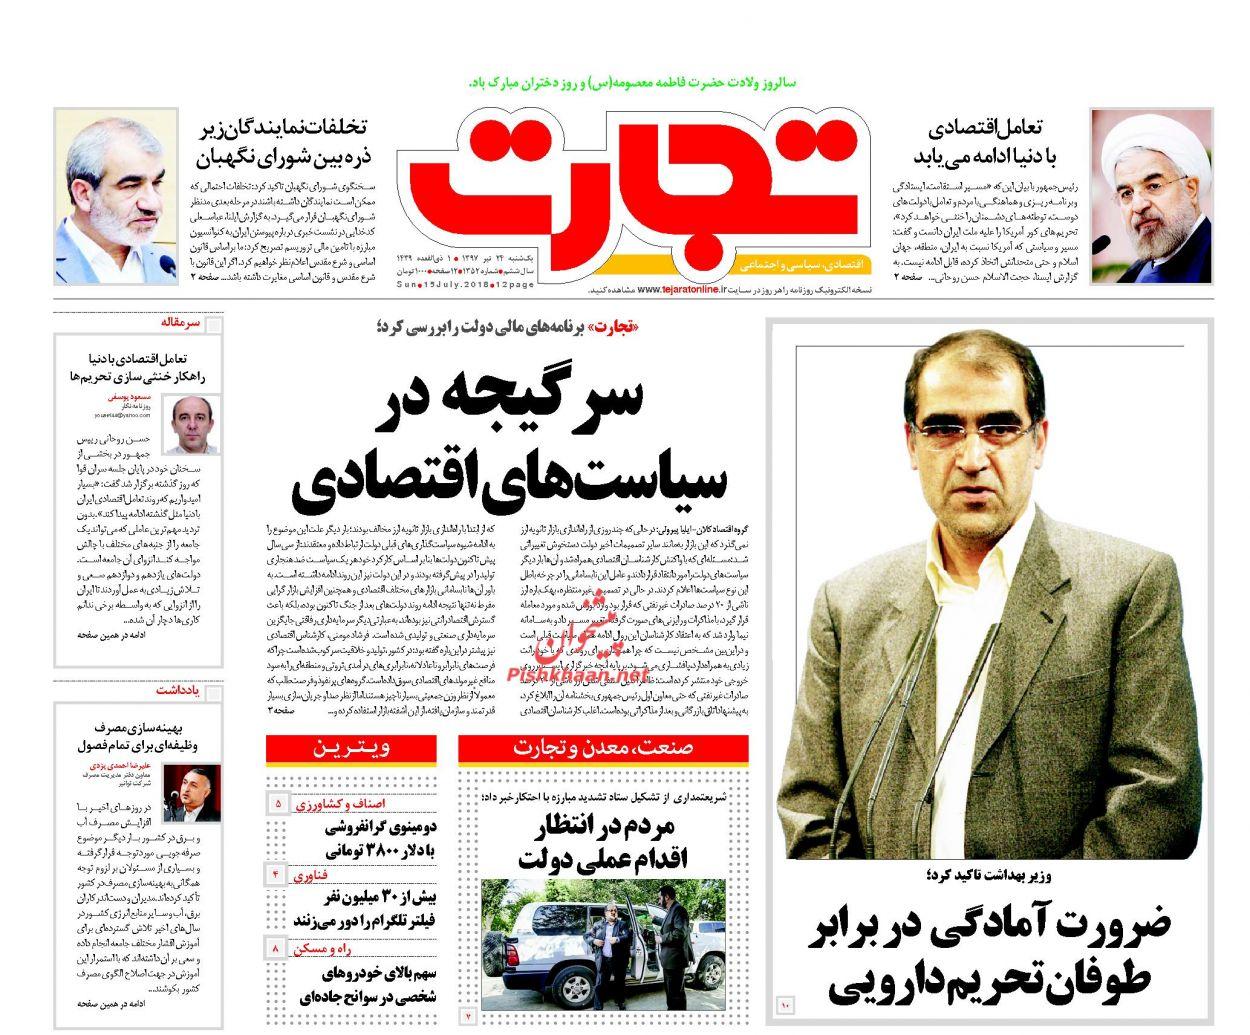 صفحه نخست روزنامه های اقتصادی 24 تیرماه